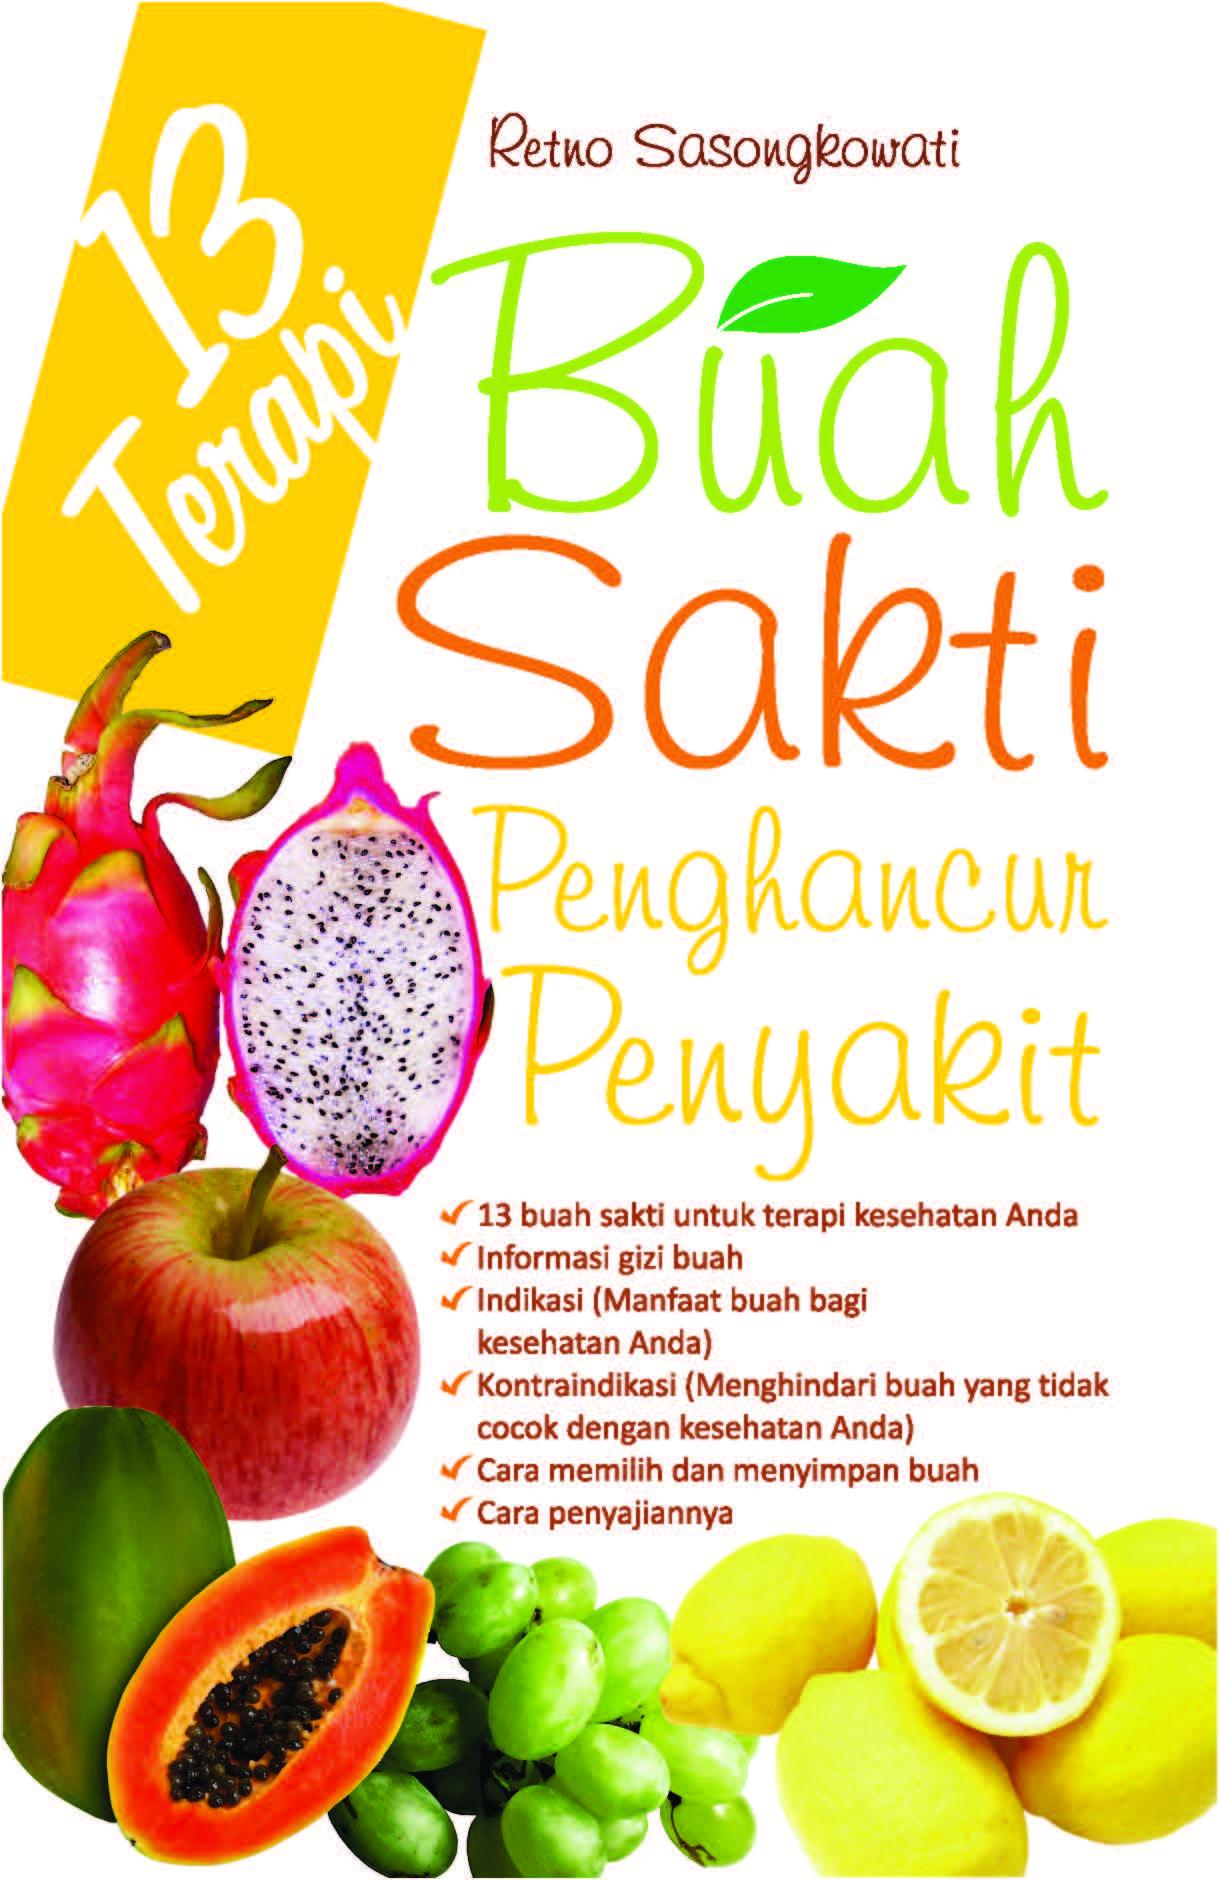 13 terapi buah sakti penghancur penyakit [sumber elektronis]